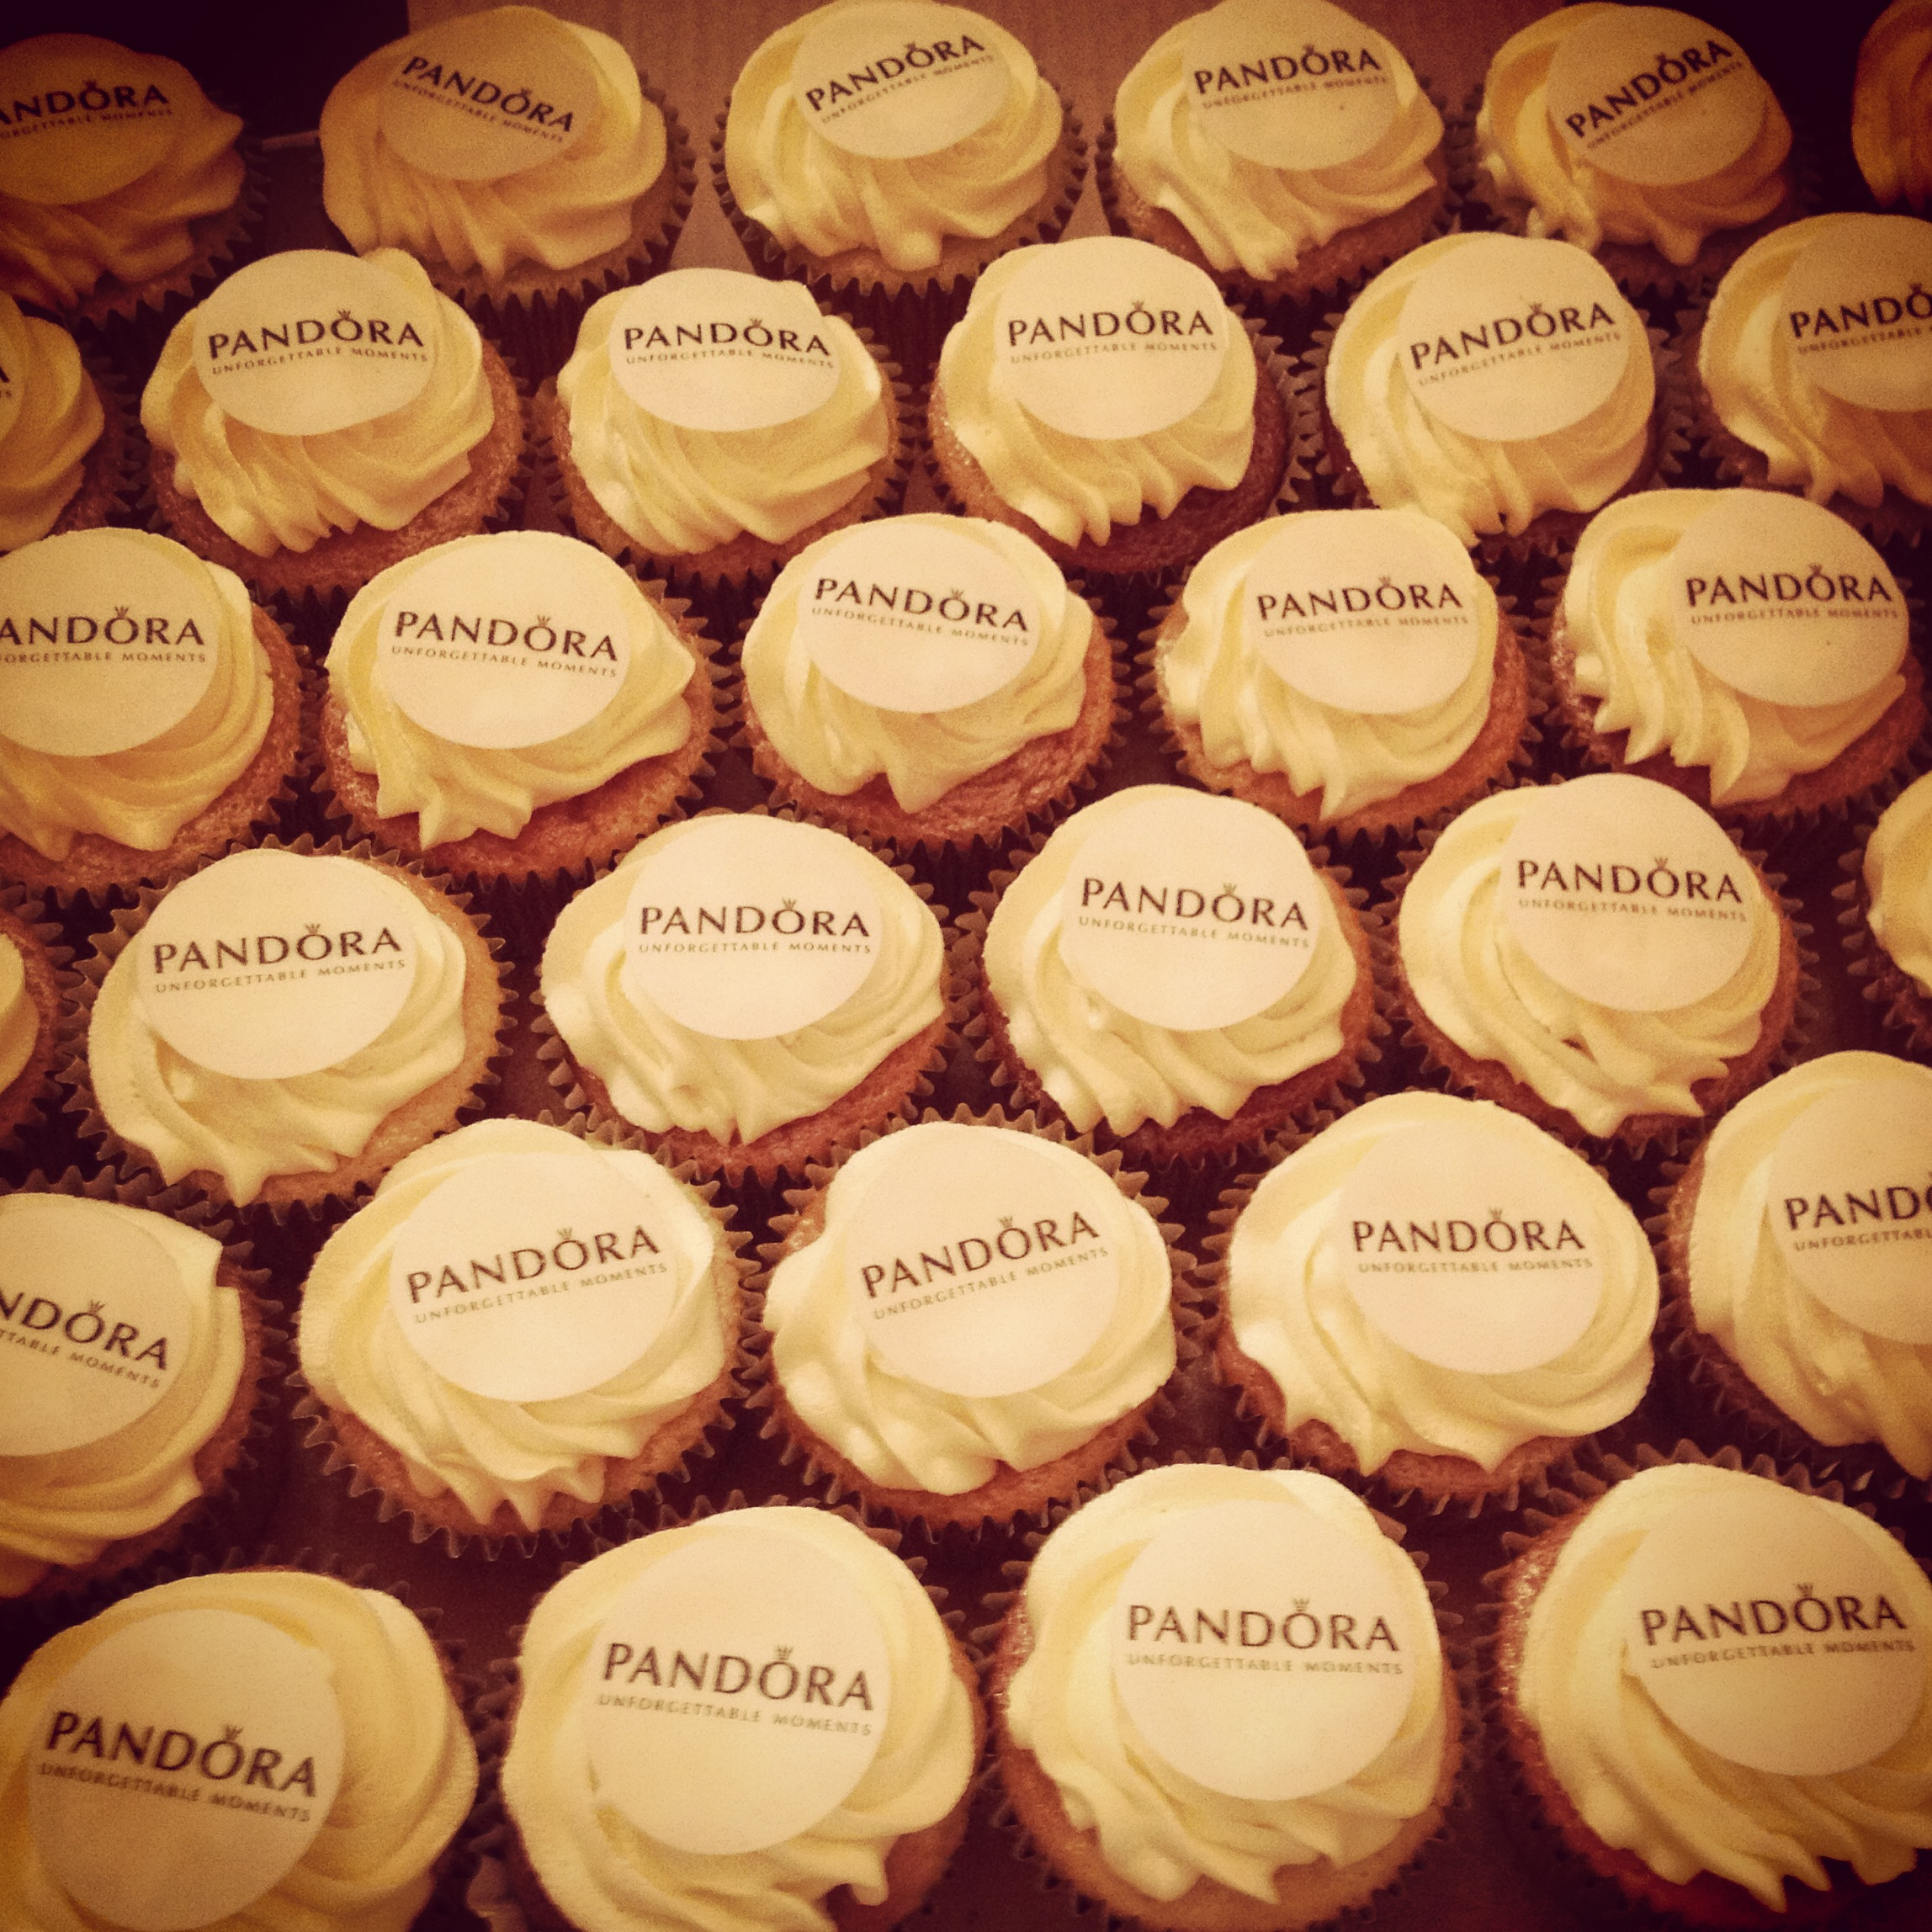 Pandora Corporate Cupcakes